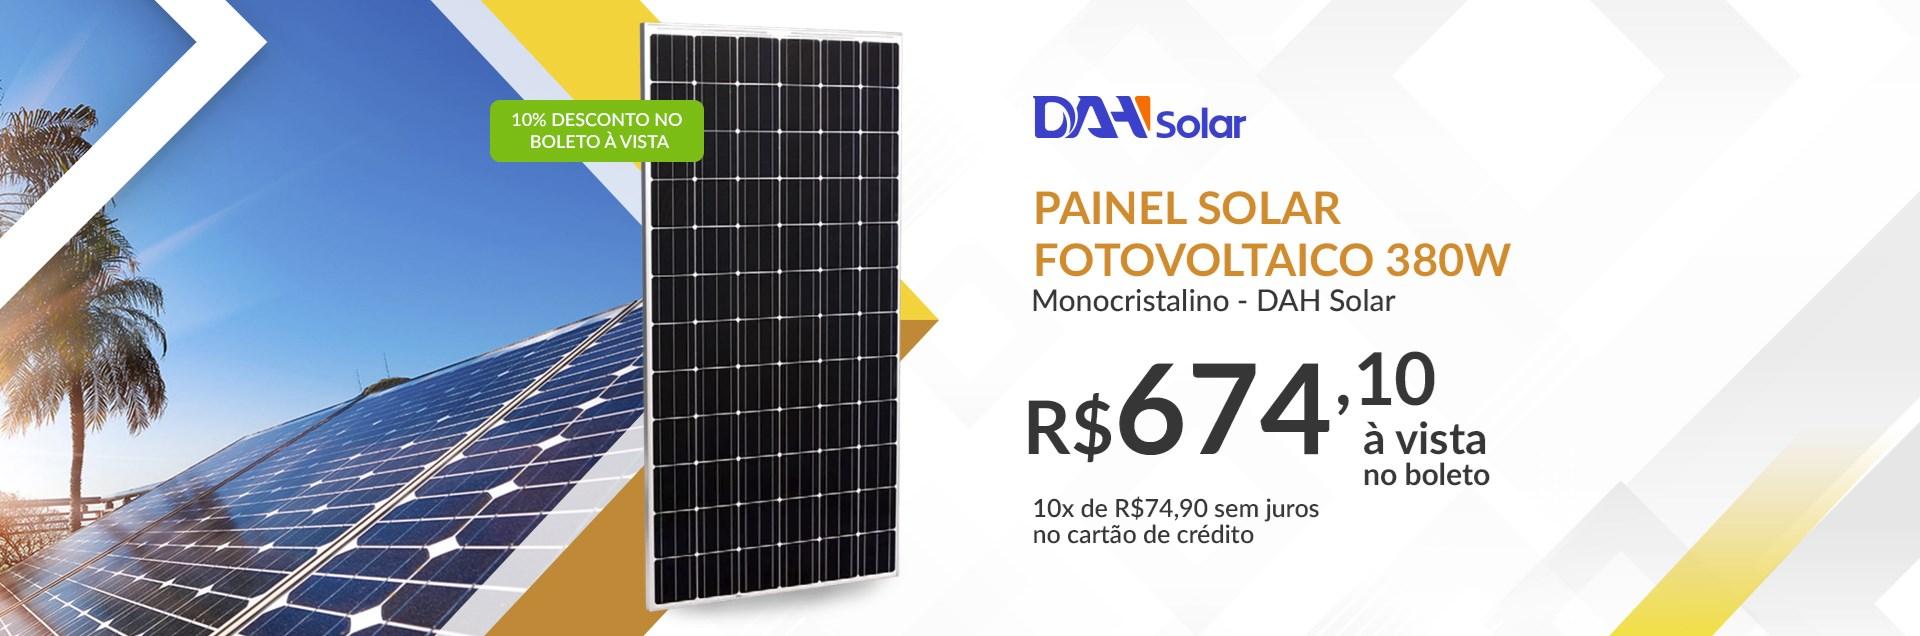 Painel Solar 380 DAH SOLAR